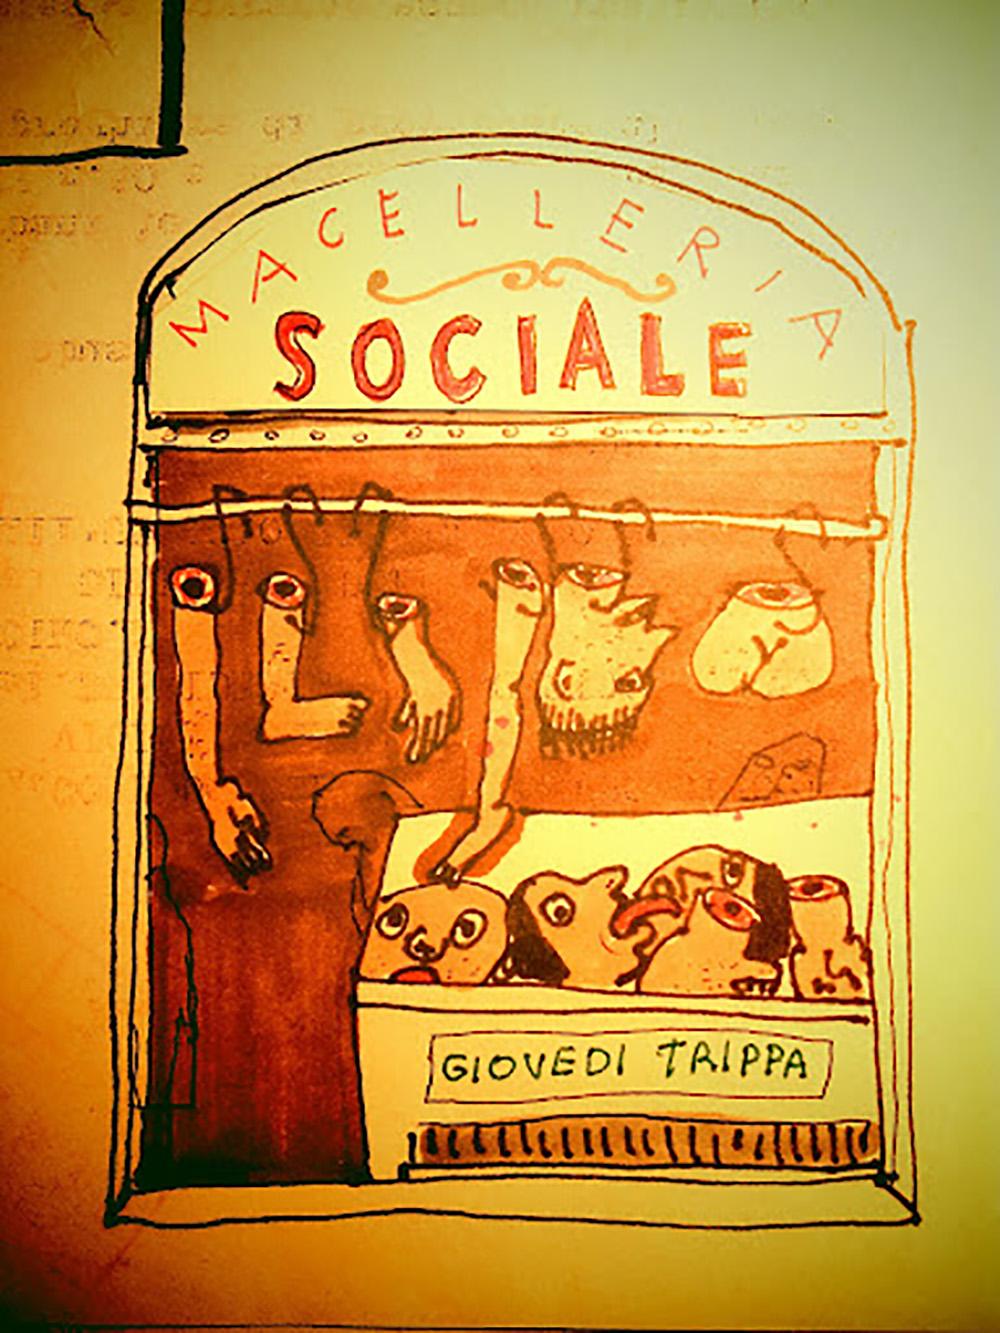 Sanità, no a macelleria sociale di Renzi, Maroni, maggior equilibrio sanità pubblica e privata